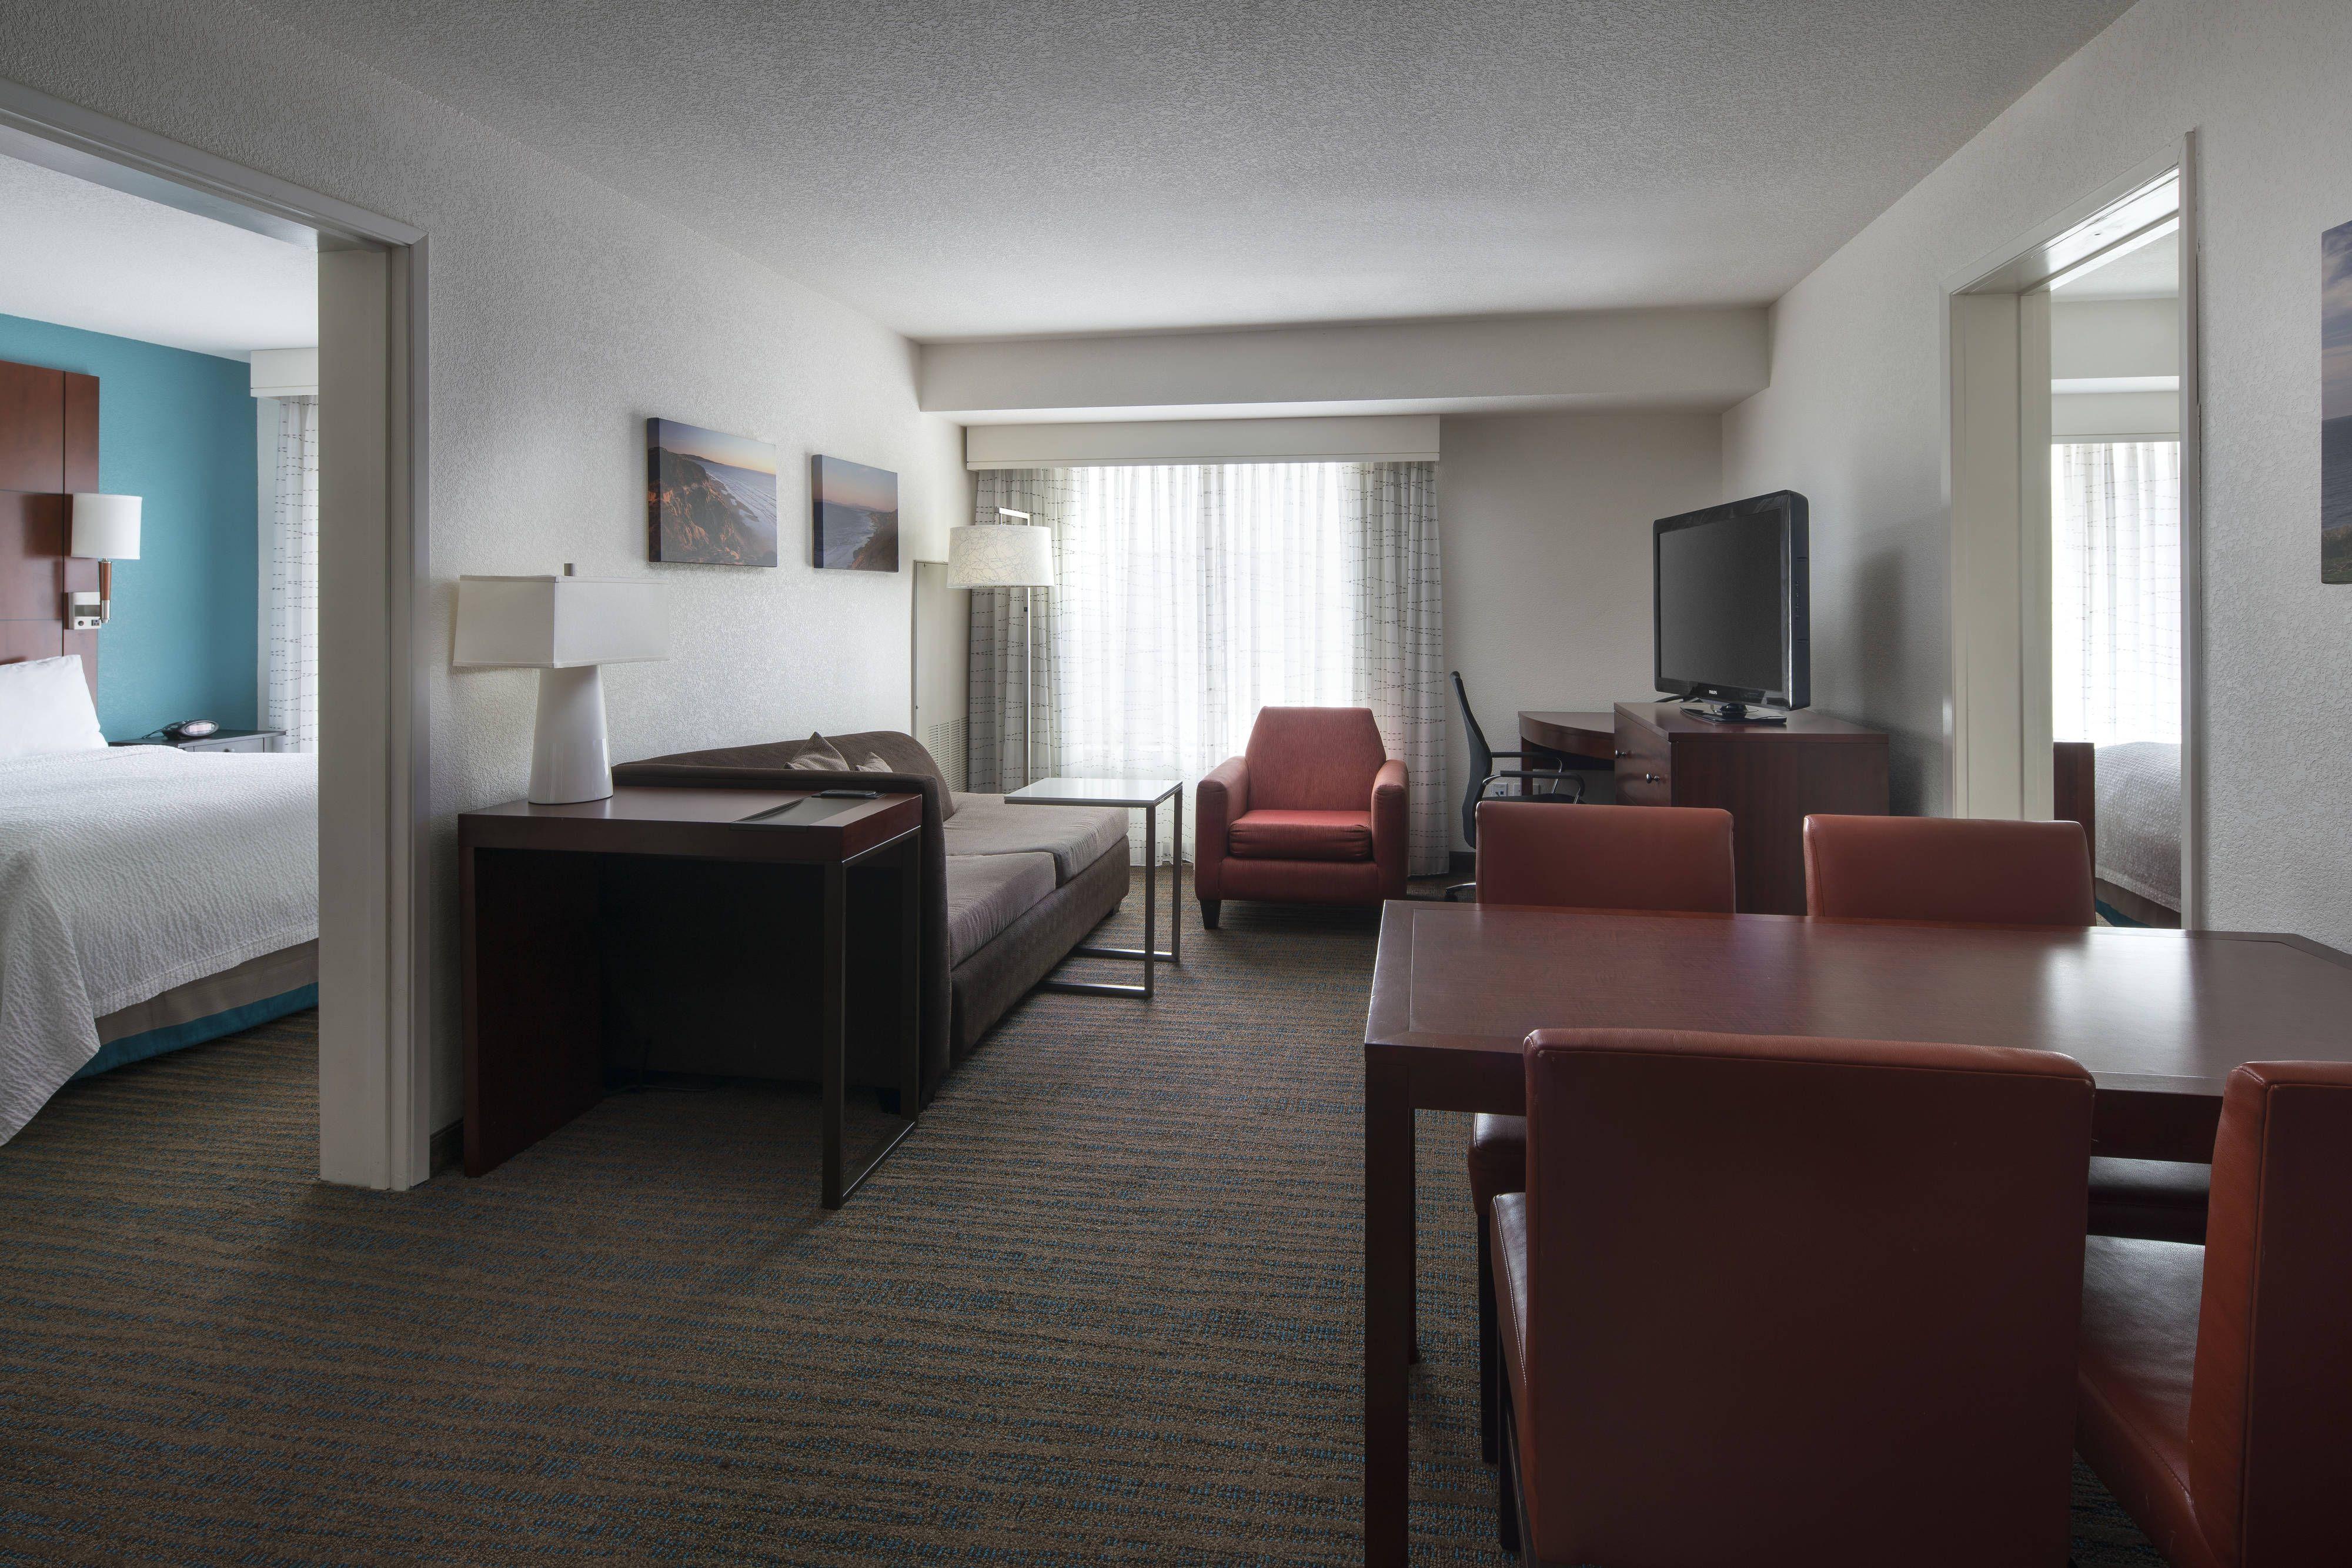 Residence inn san diego del mar twobedroom suite rooms